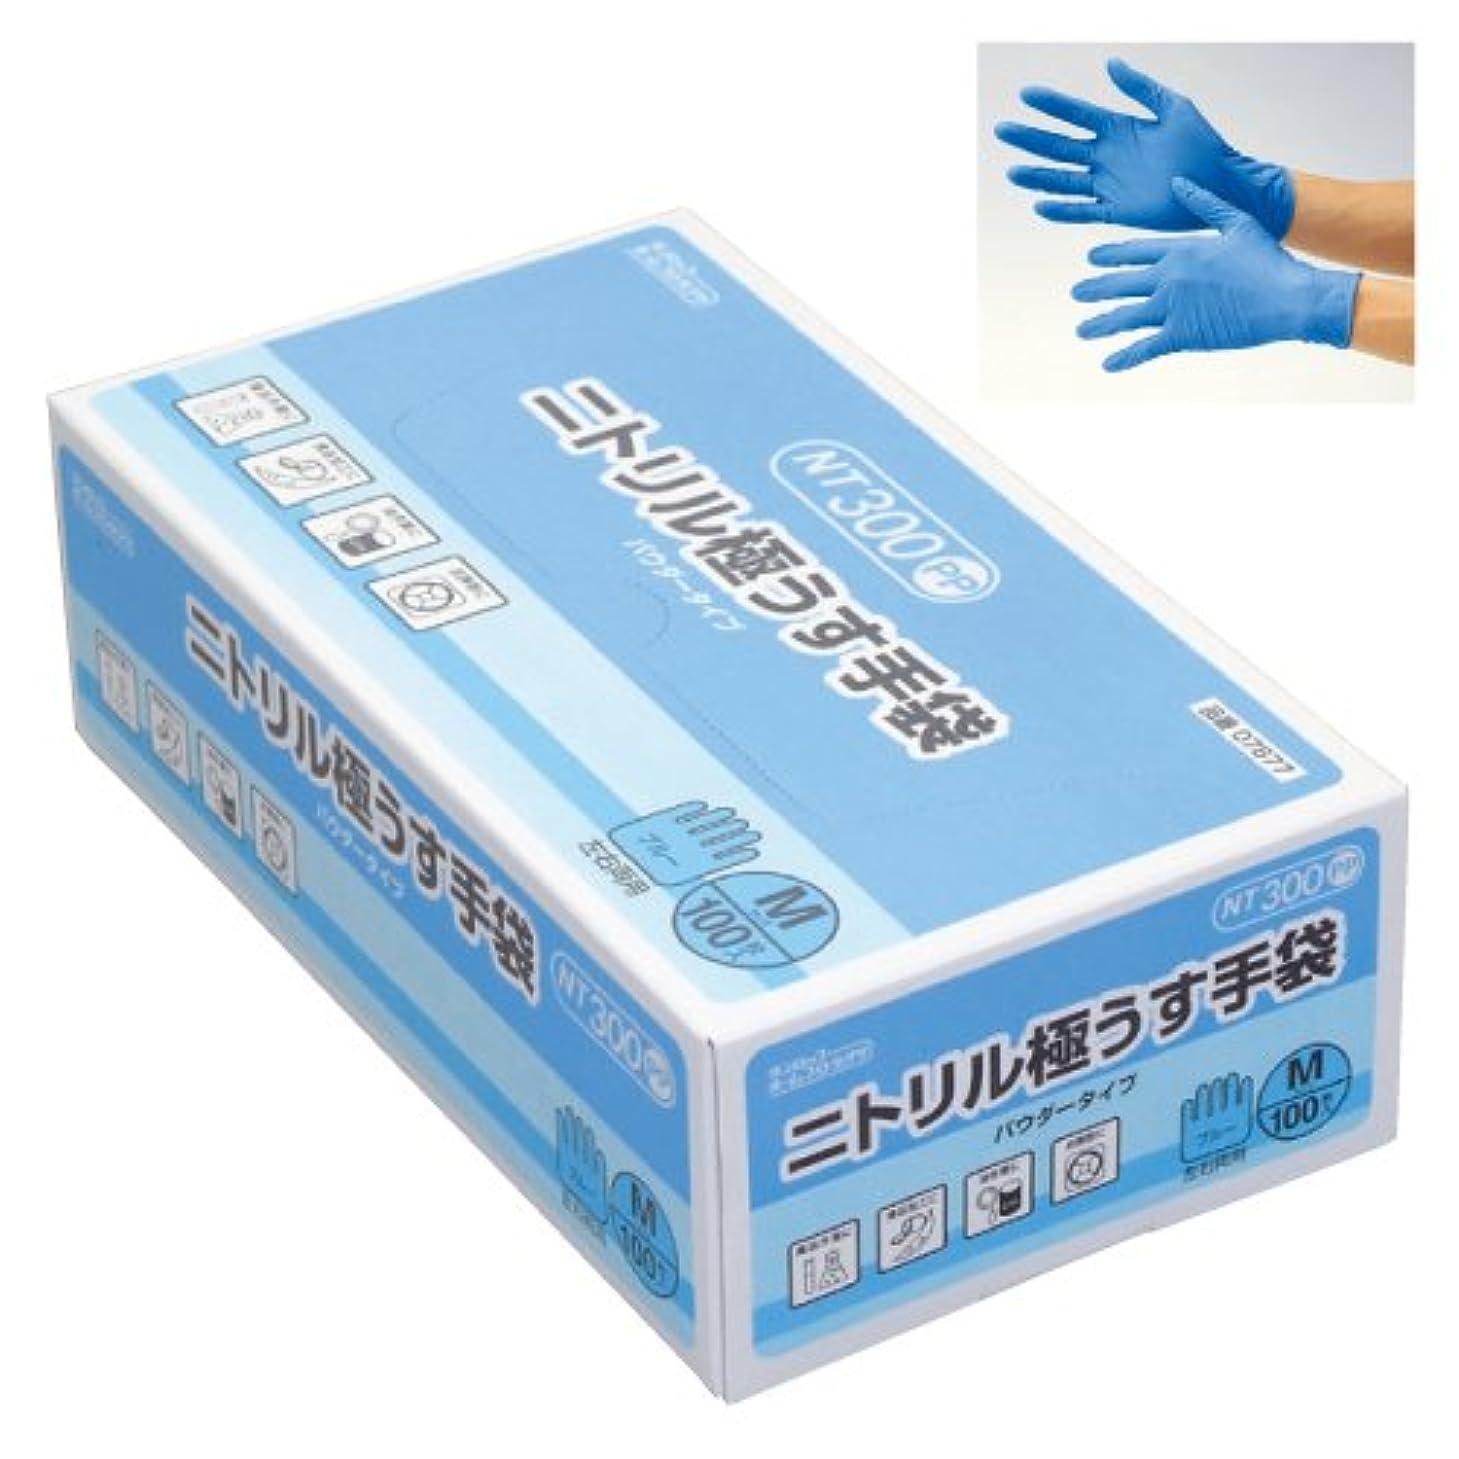 買収時間サイトラインニトリル極うす手袋 NT300 (23-6073-02)